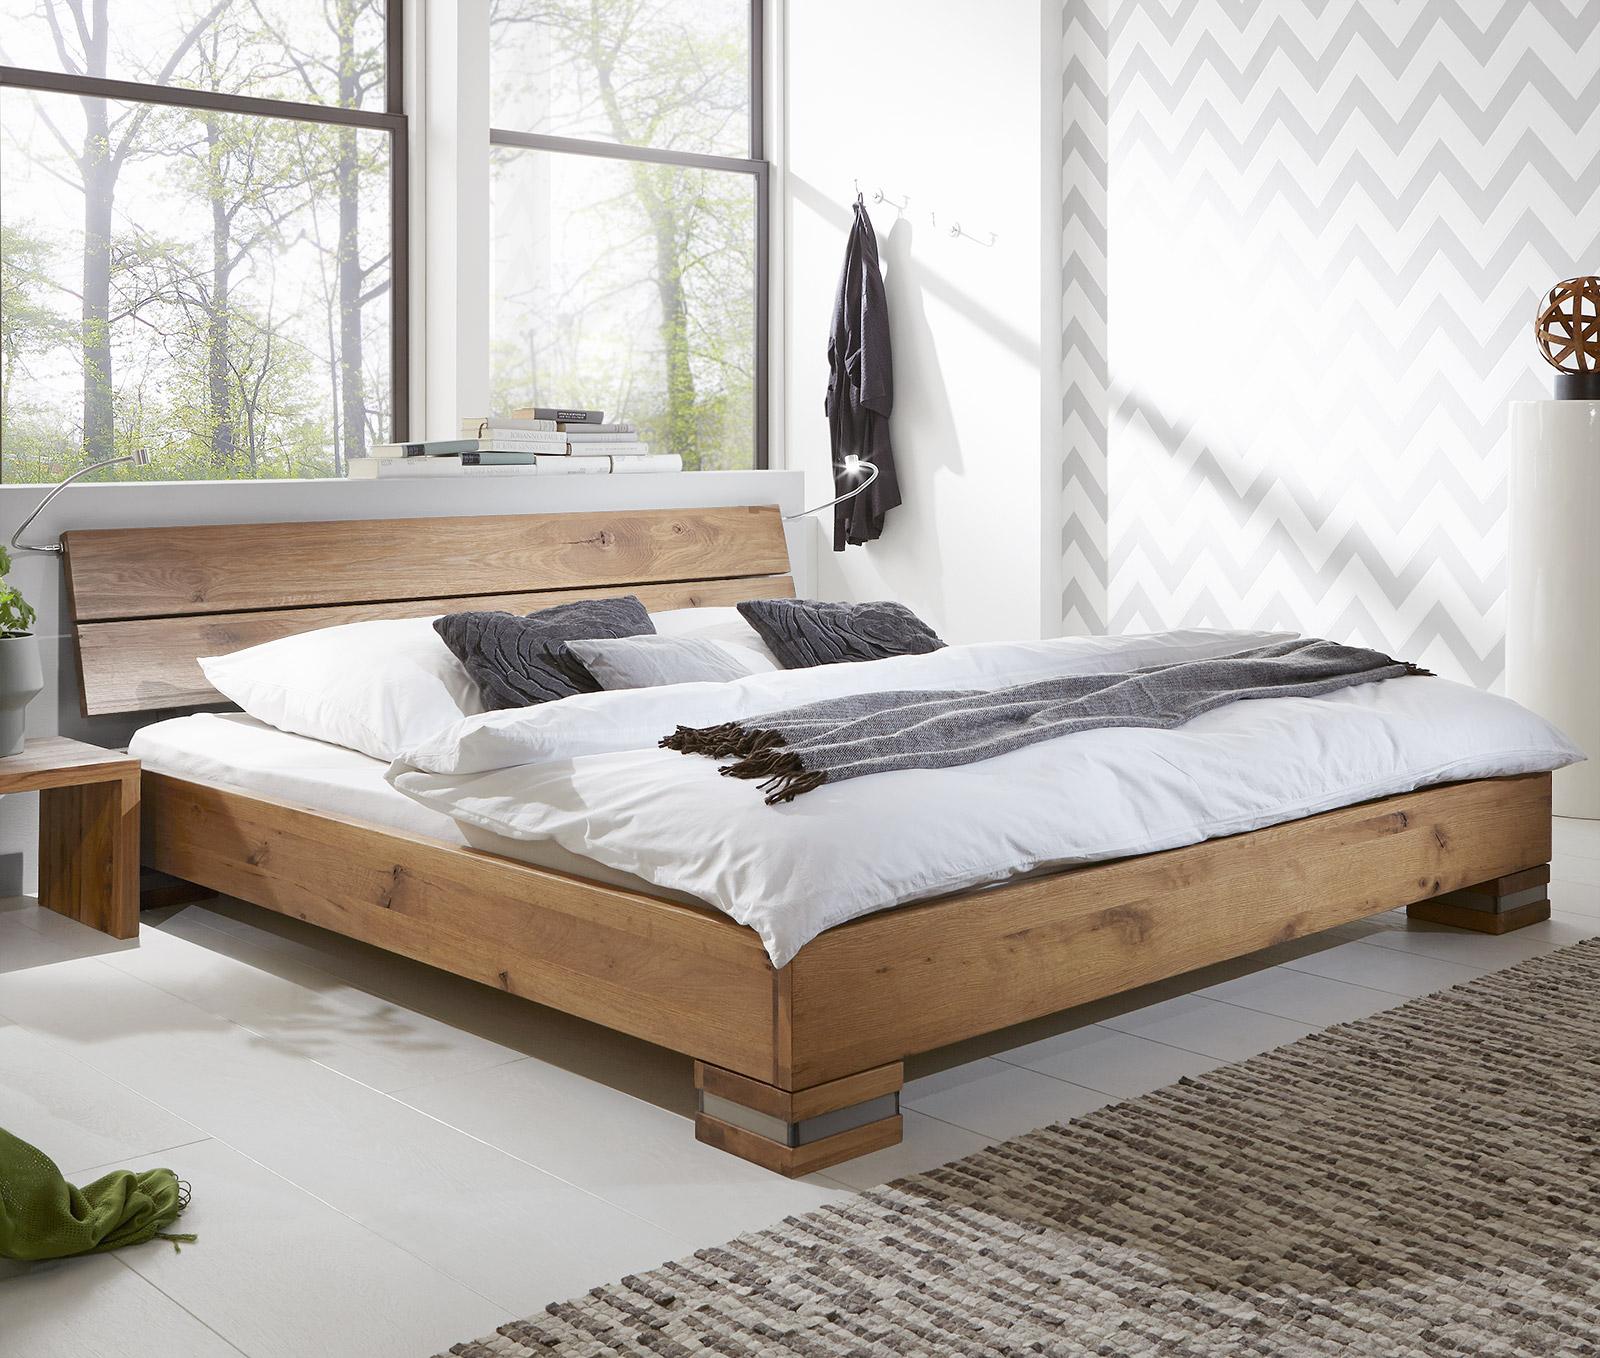 Full Size of Massivholzbetten Betten Aus Massivholz Gnstig Kaufen Hotel Bad Sooden Allendorf Köln Badezimmer Regal Bett Weiß Mit Schubladen Nolte Deckenlampen Für Bett Betten De